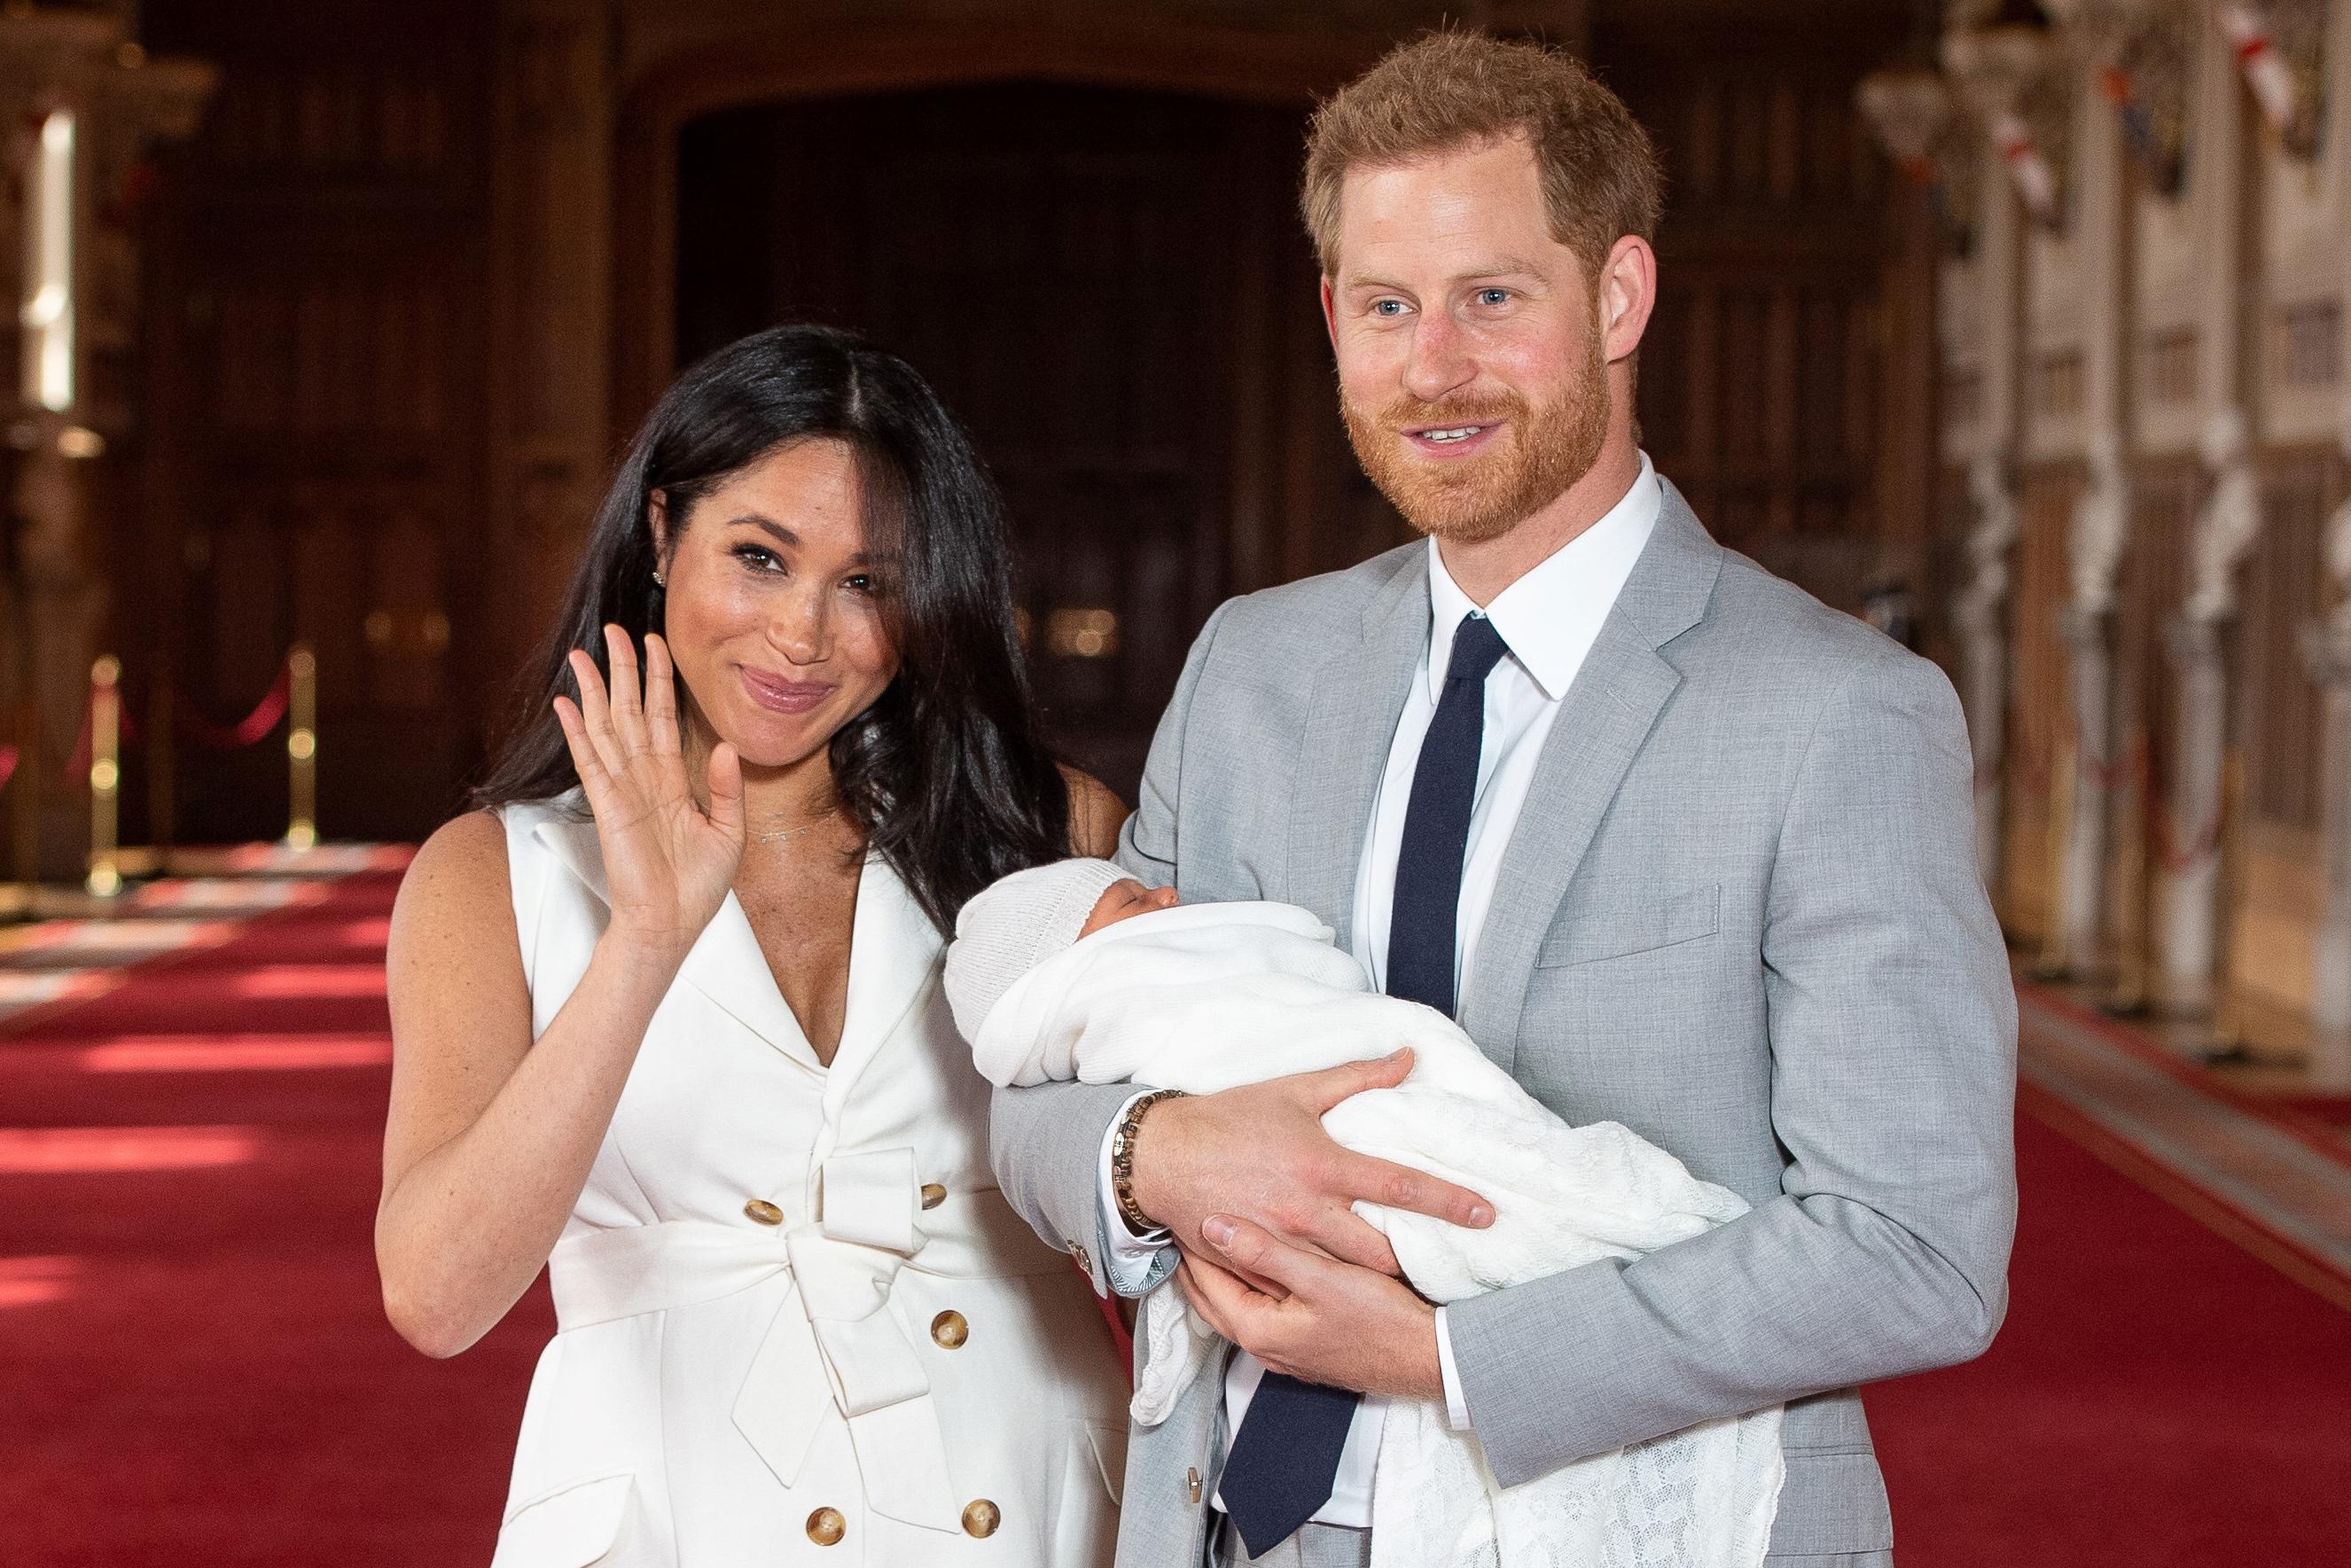 Harry herceg és felesége visszalép a királyi család magas rangú tagjaként betöltött szerepükből